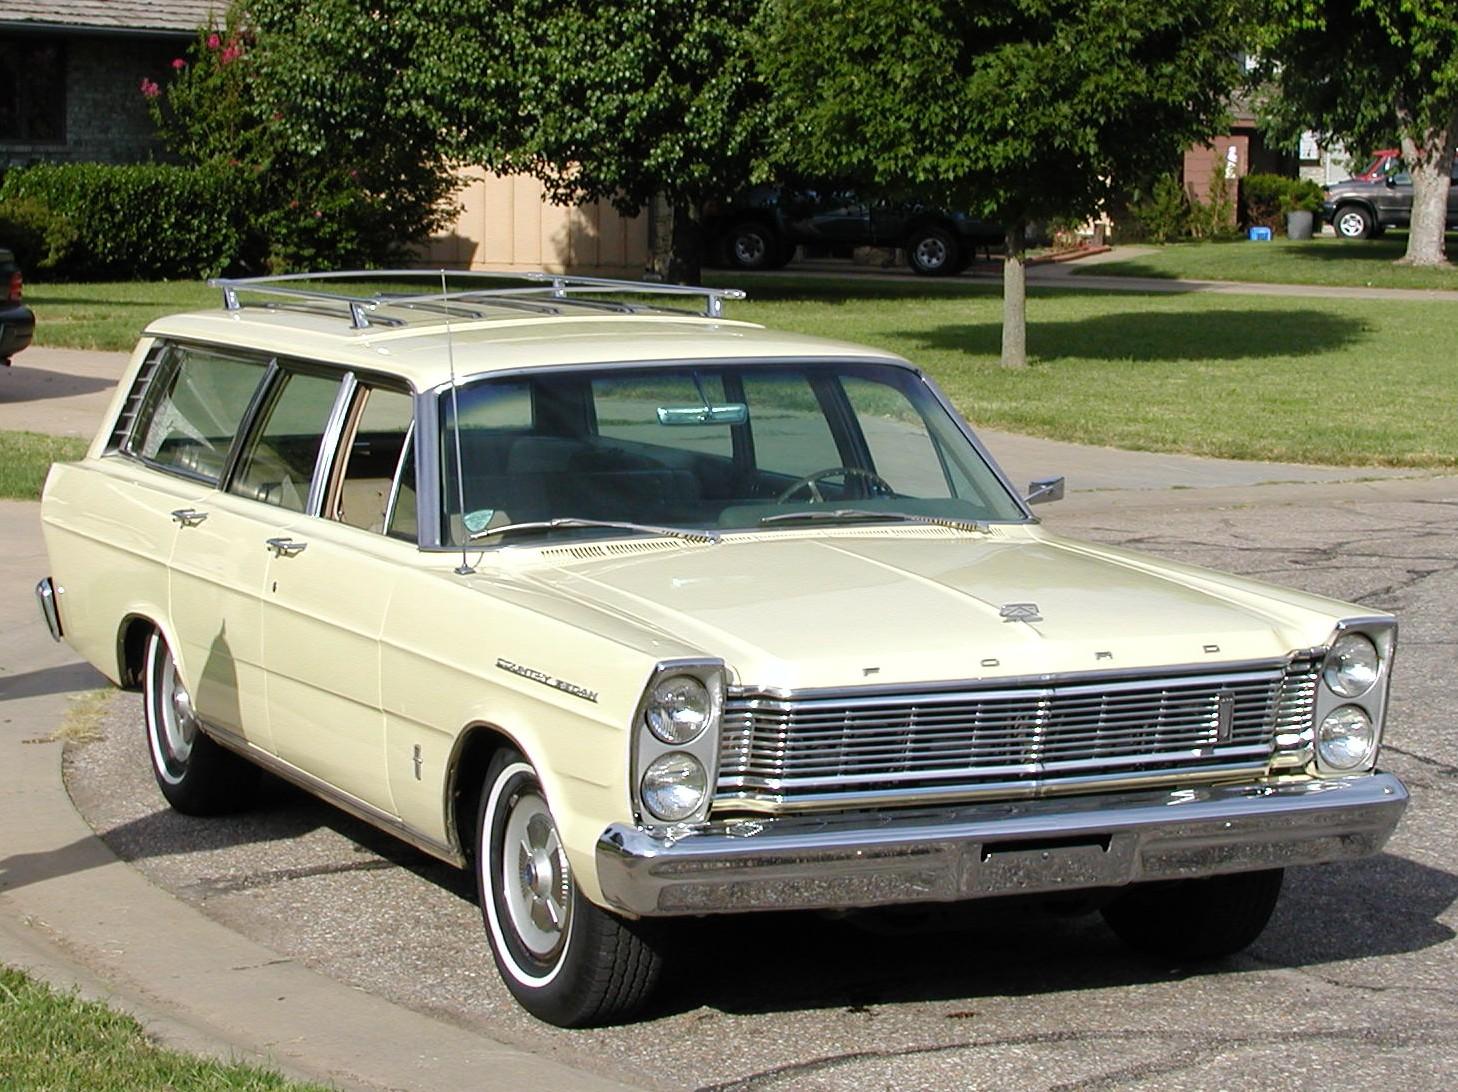 1965 ford station wagon. Black Bedroom Furniture Sets. Home Design Ideas